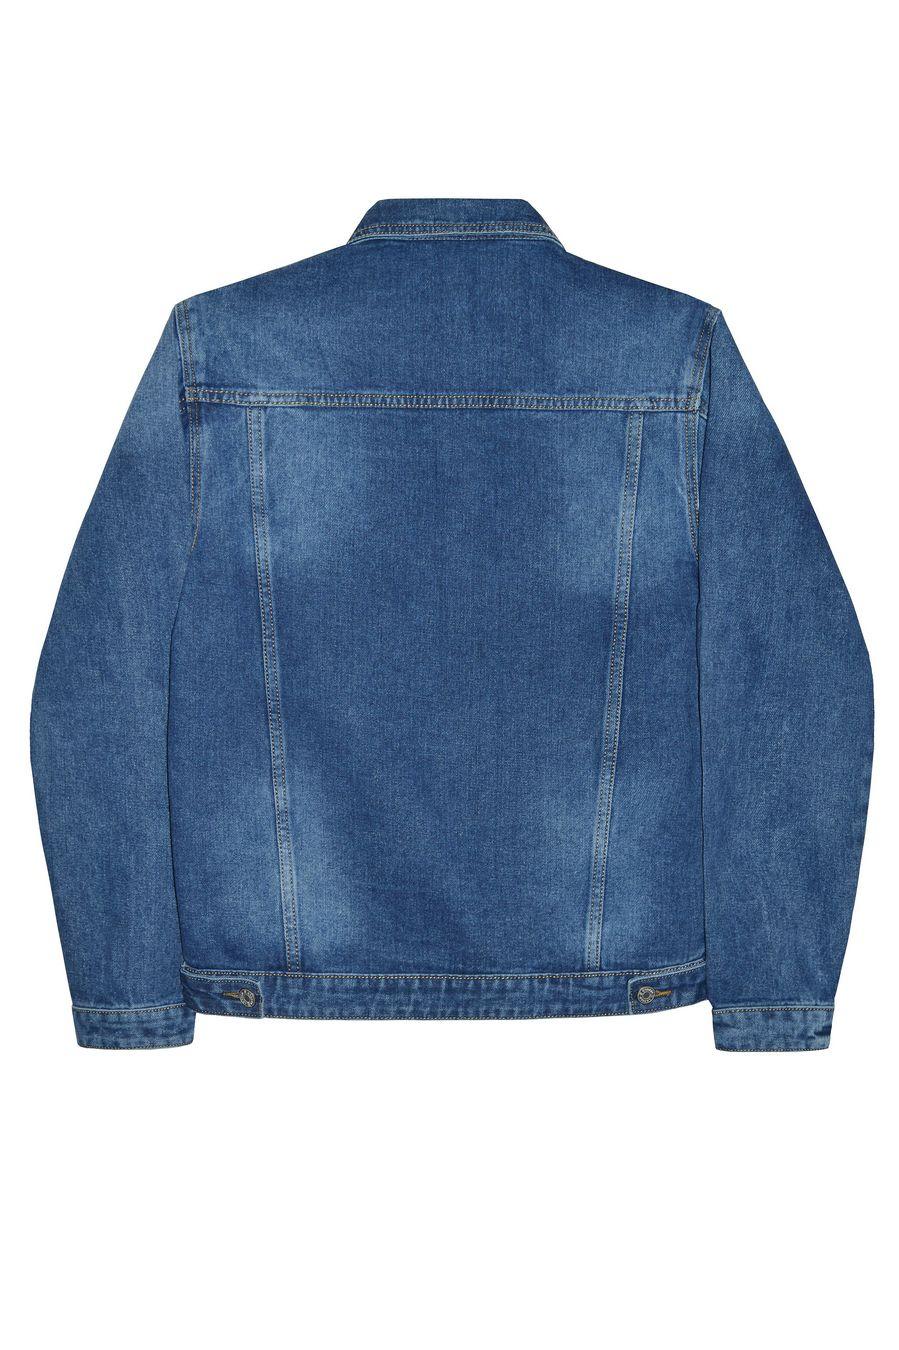 Пиджак мужской (джинсовка) Arnold 3032 - фото 2